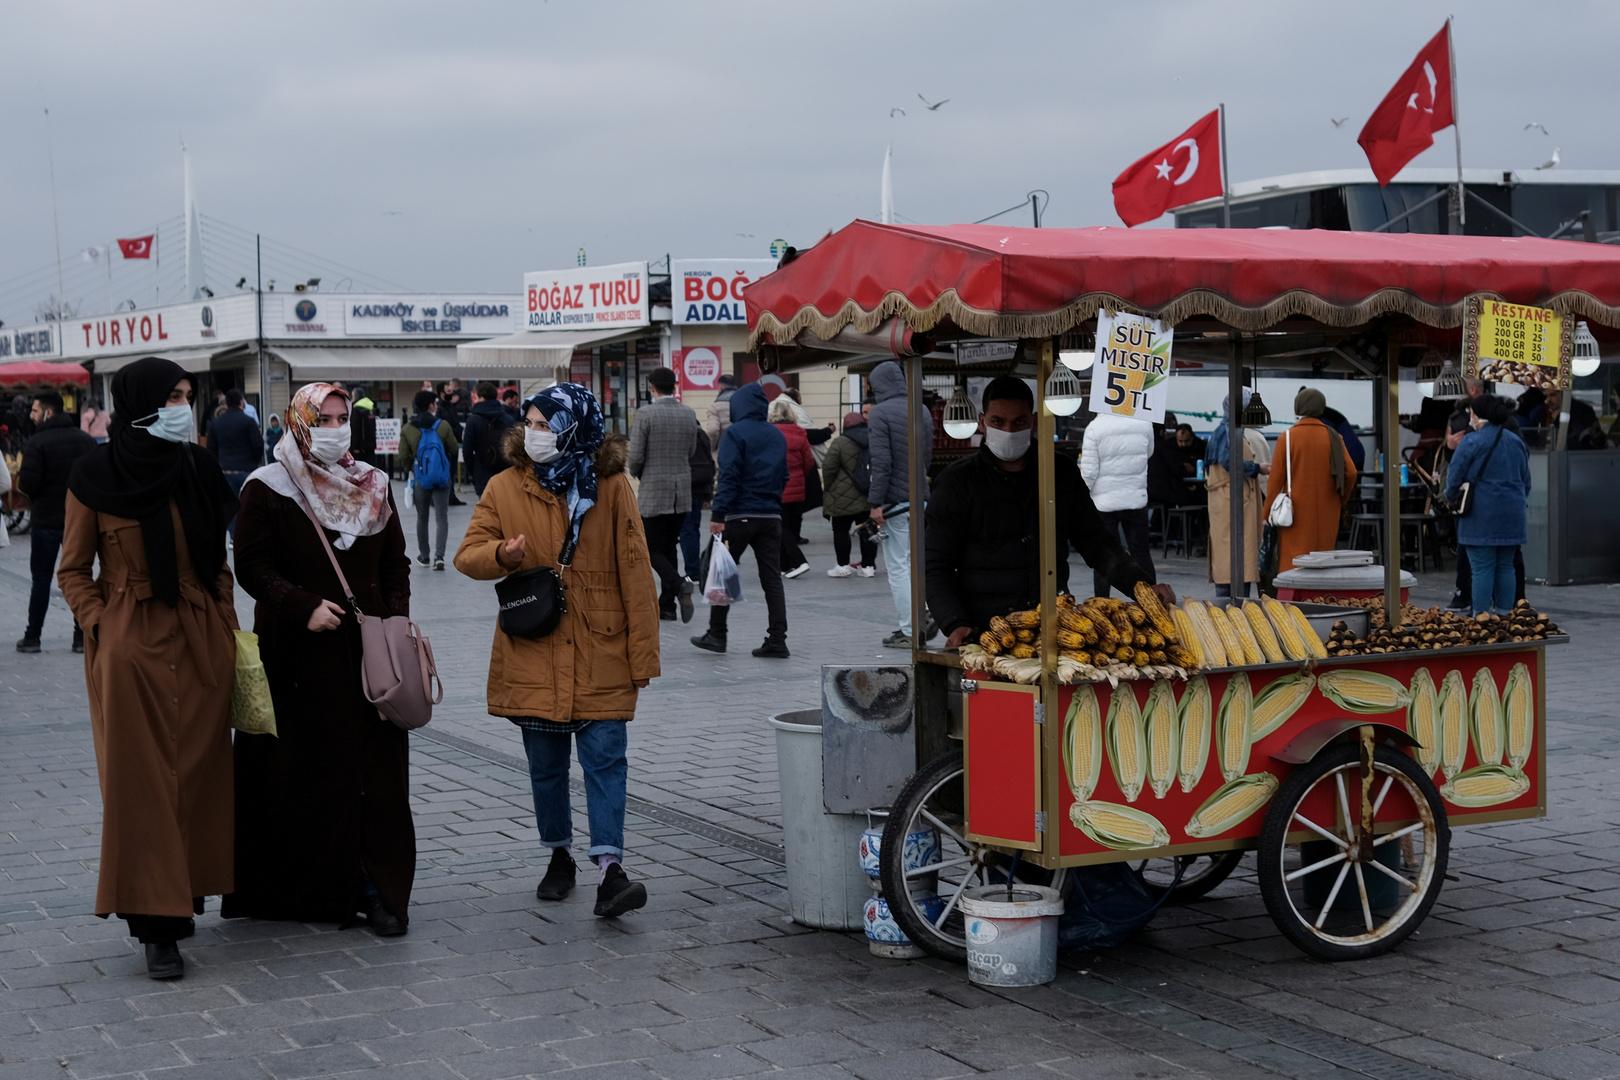 تركيا تسجل أعلى حصيلة يومية بعدد الإصابات بفيروس كورونا منذ مطلع مايو